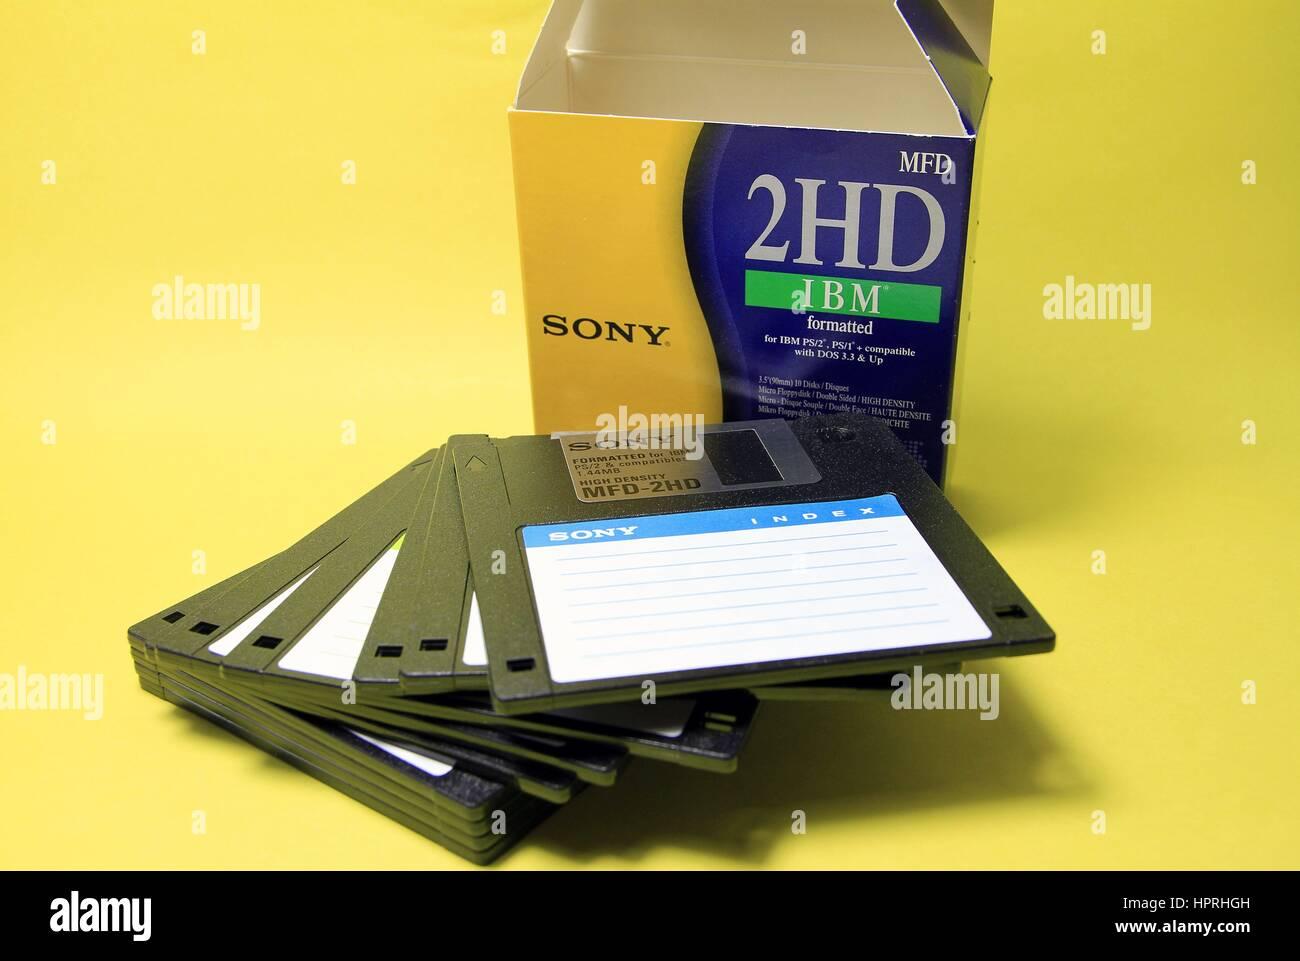 5 1 4 floppy disk stockfotos 5 1 4 floppy disk bilder. Black Bedroom Furniture Sets. Home Design Ideas